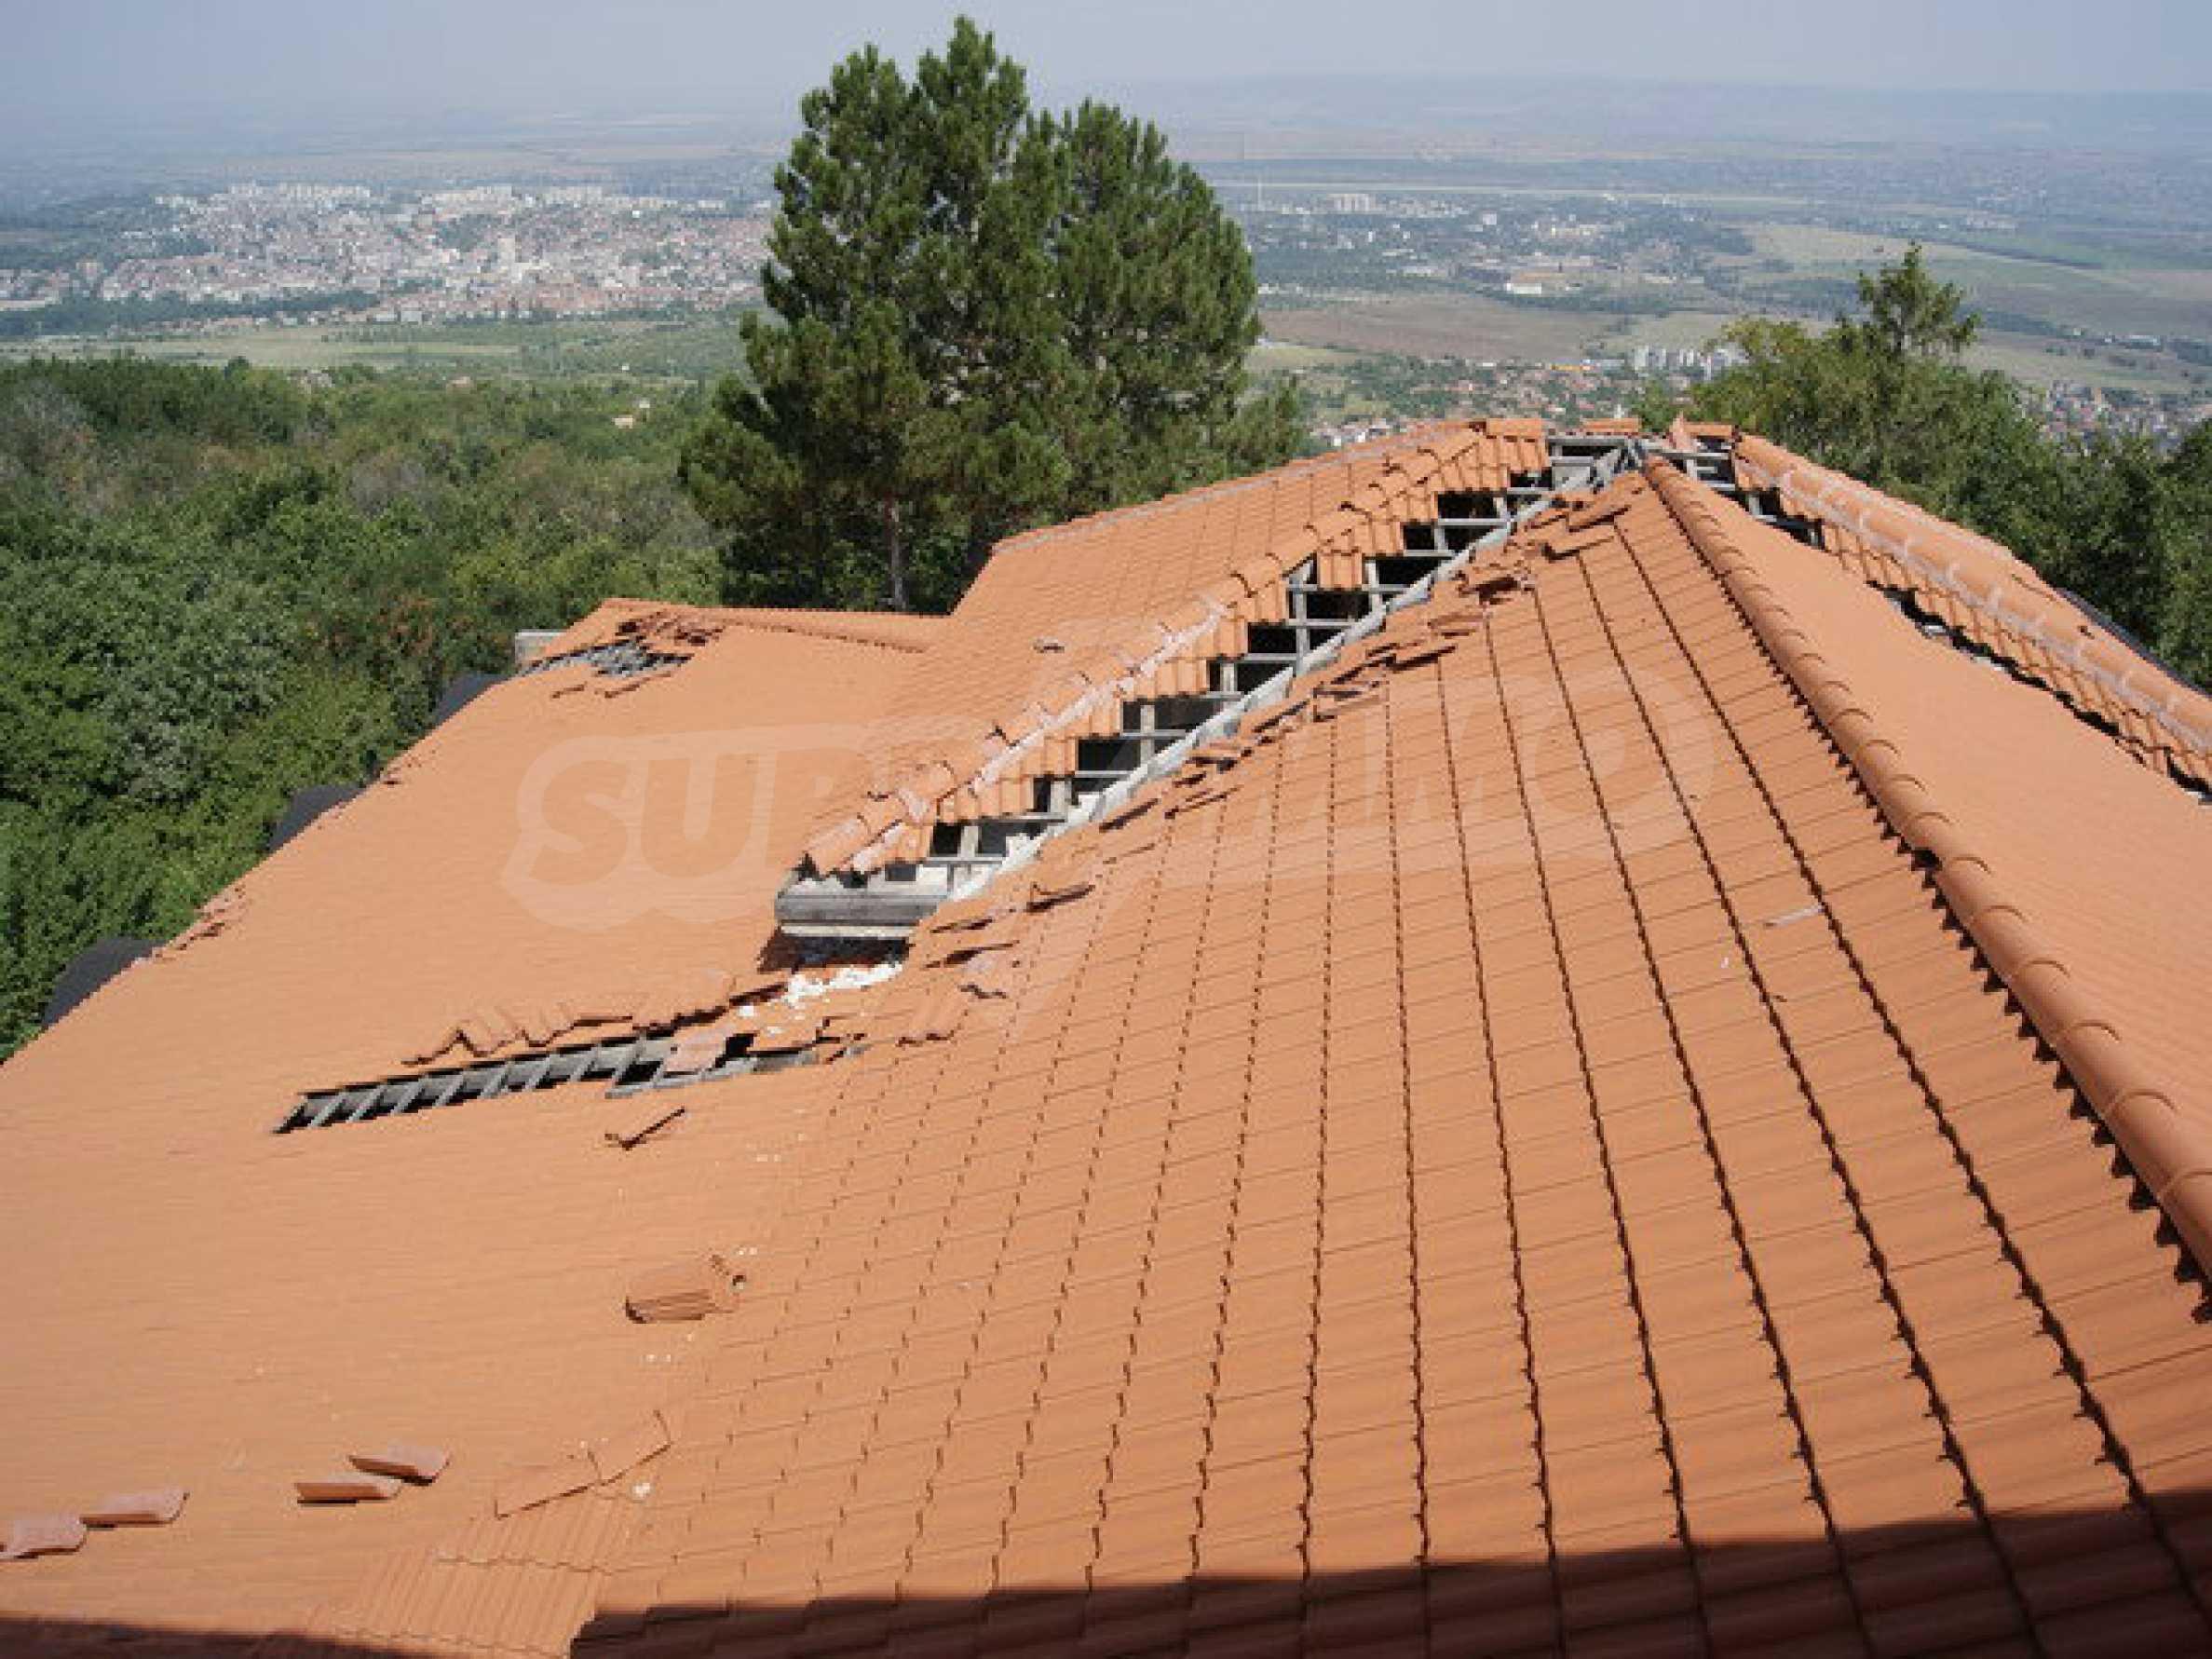 Raues Bauhotel mit herrlicher Aussicht in der Nähe von Veliko Tarnovo 2